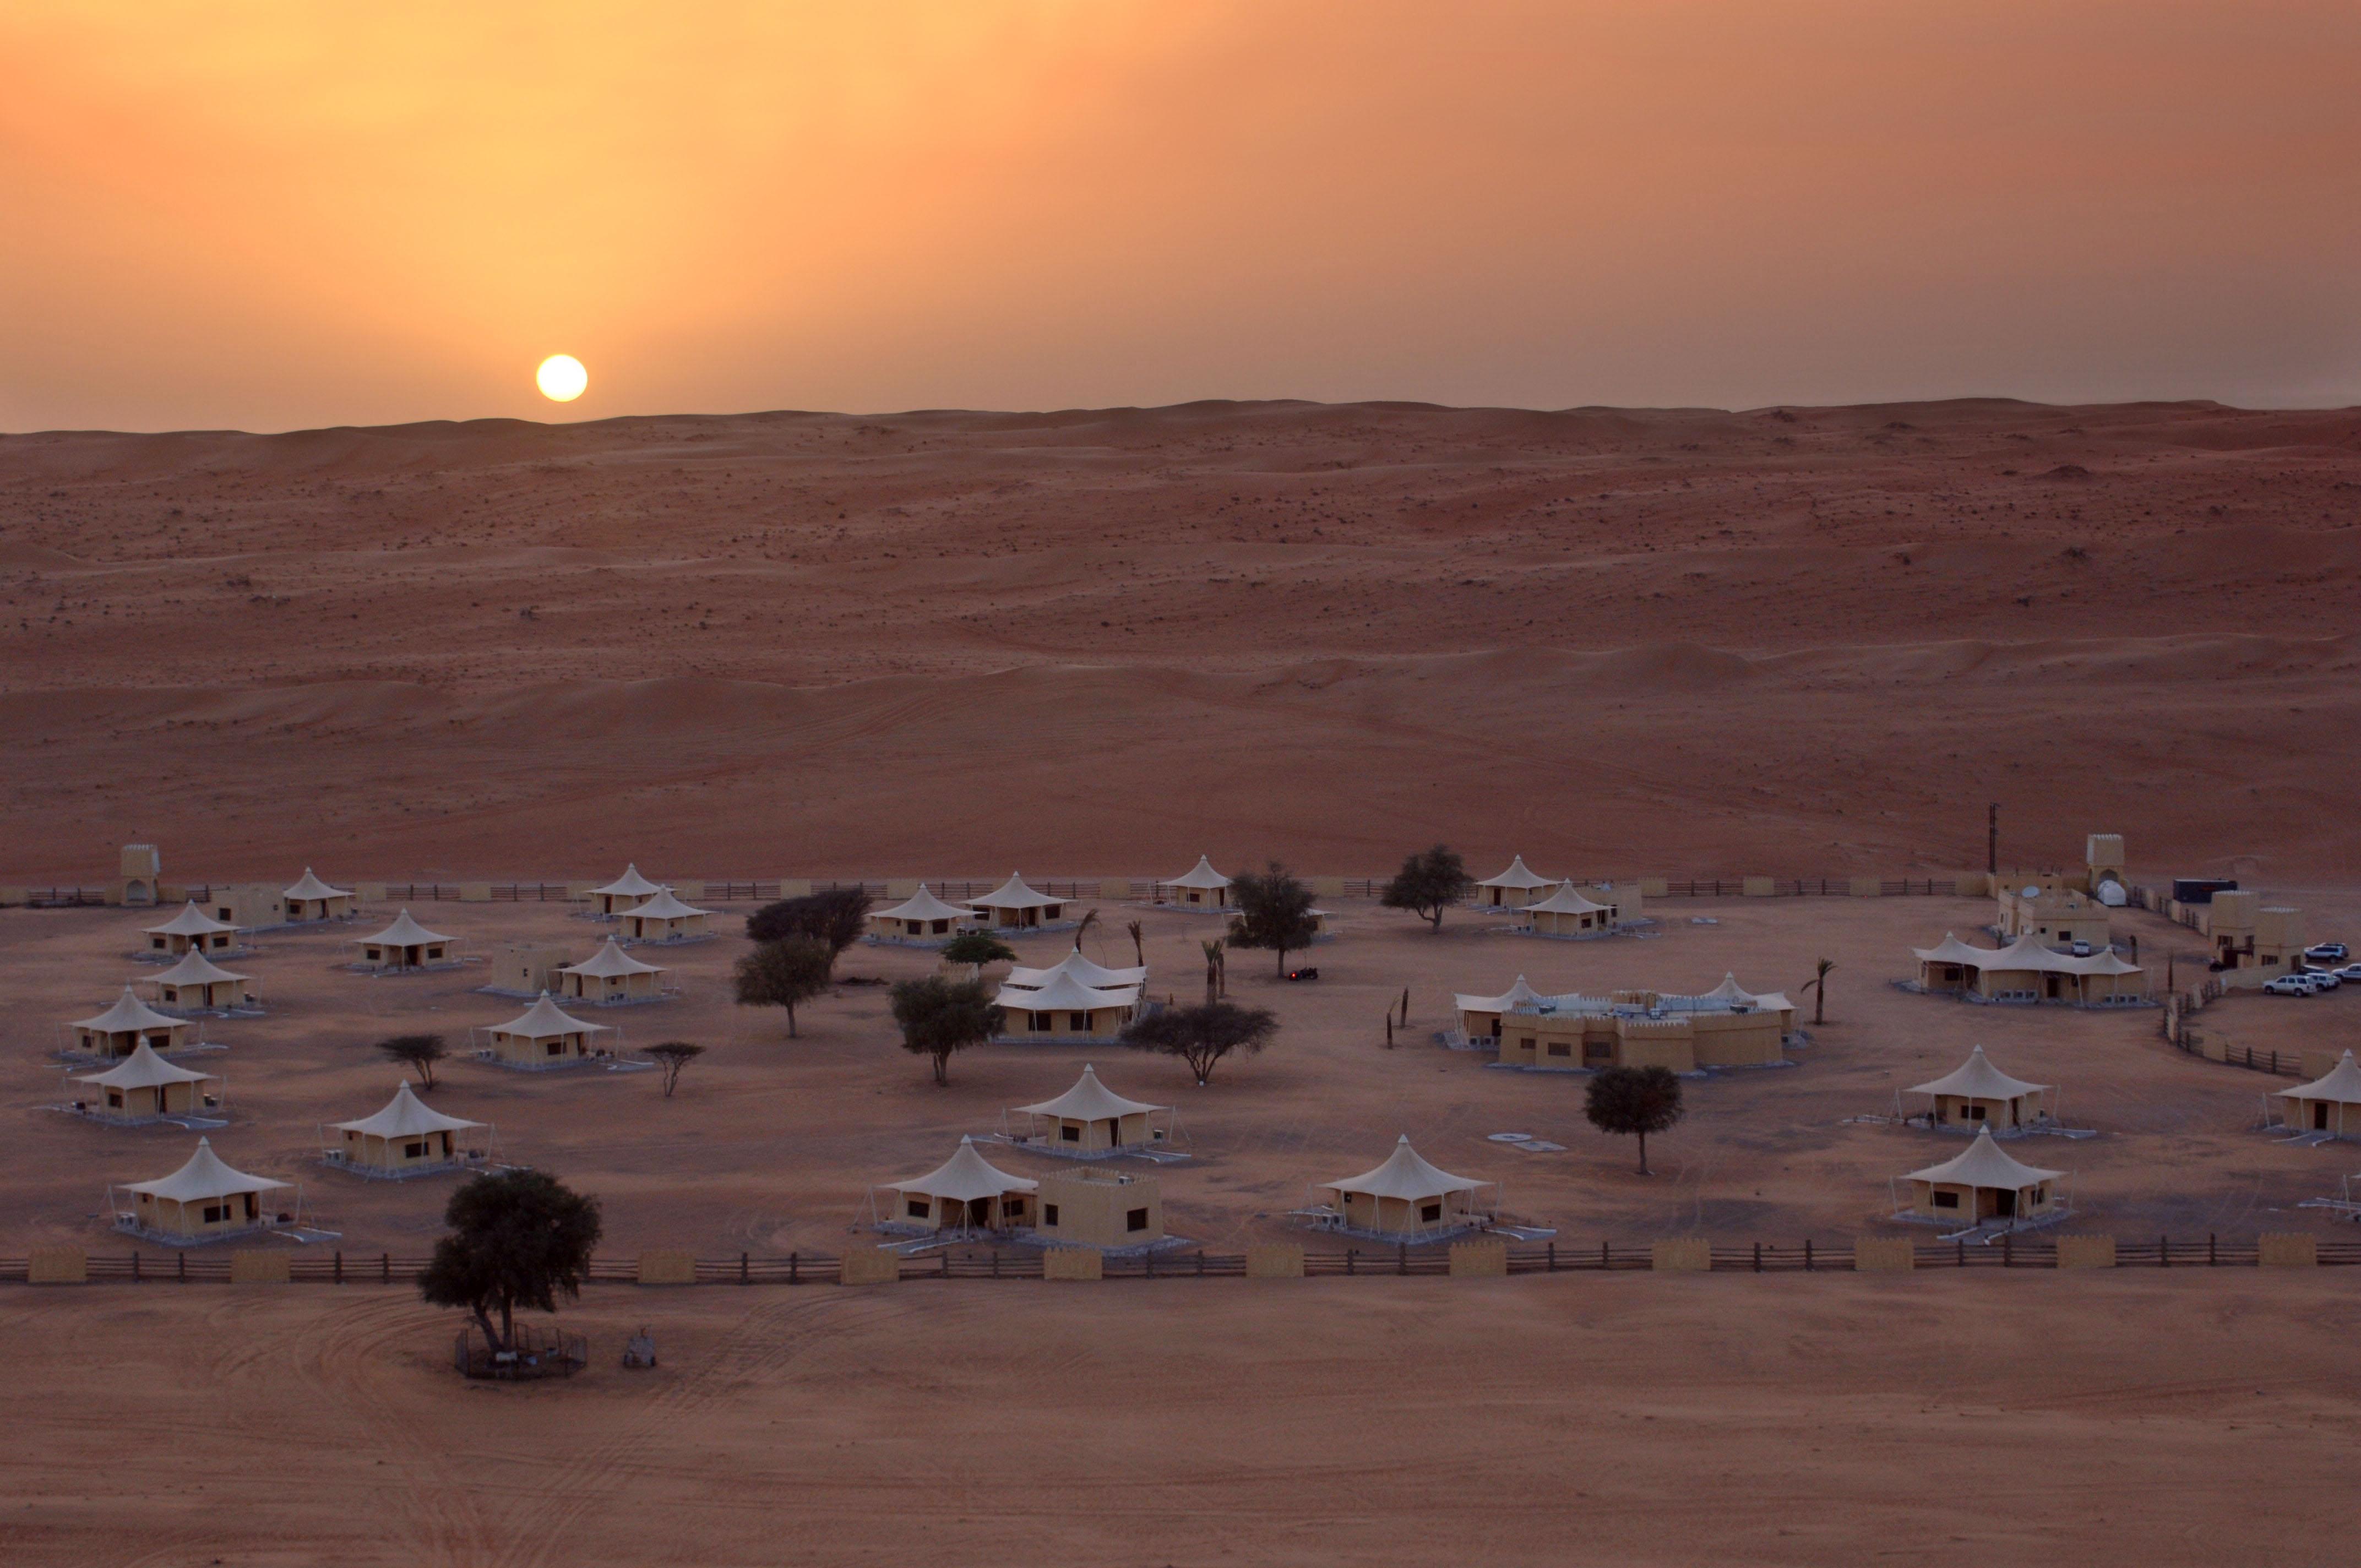 Campement dans le désert à Oman-DR Office de Tourisme d'Oman